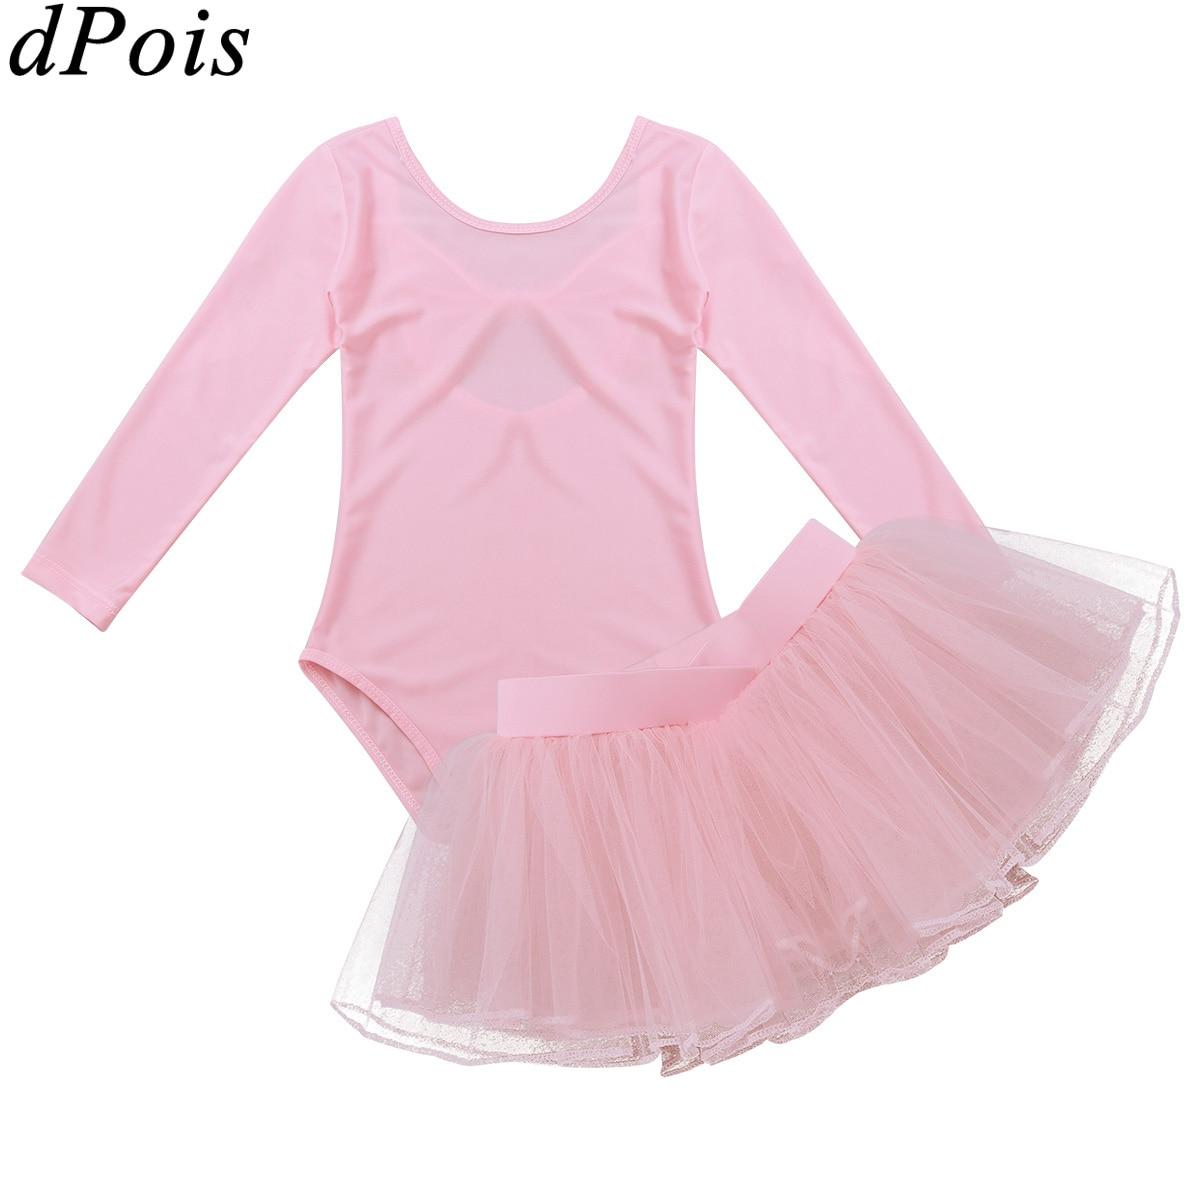 2 Pcs Kids Ballet Jurken Voor Meisjes Lange Mouwen Gymnastiek Turnpakje En Rok Set Ballet Dans Tutu Jurk Kinderen Party Kostuum Grote Uitverkoop